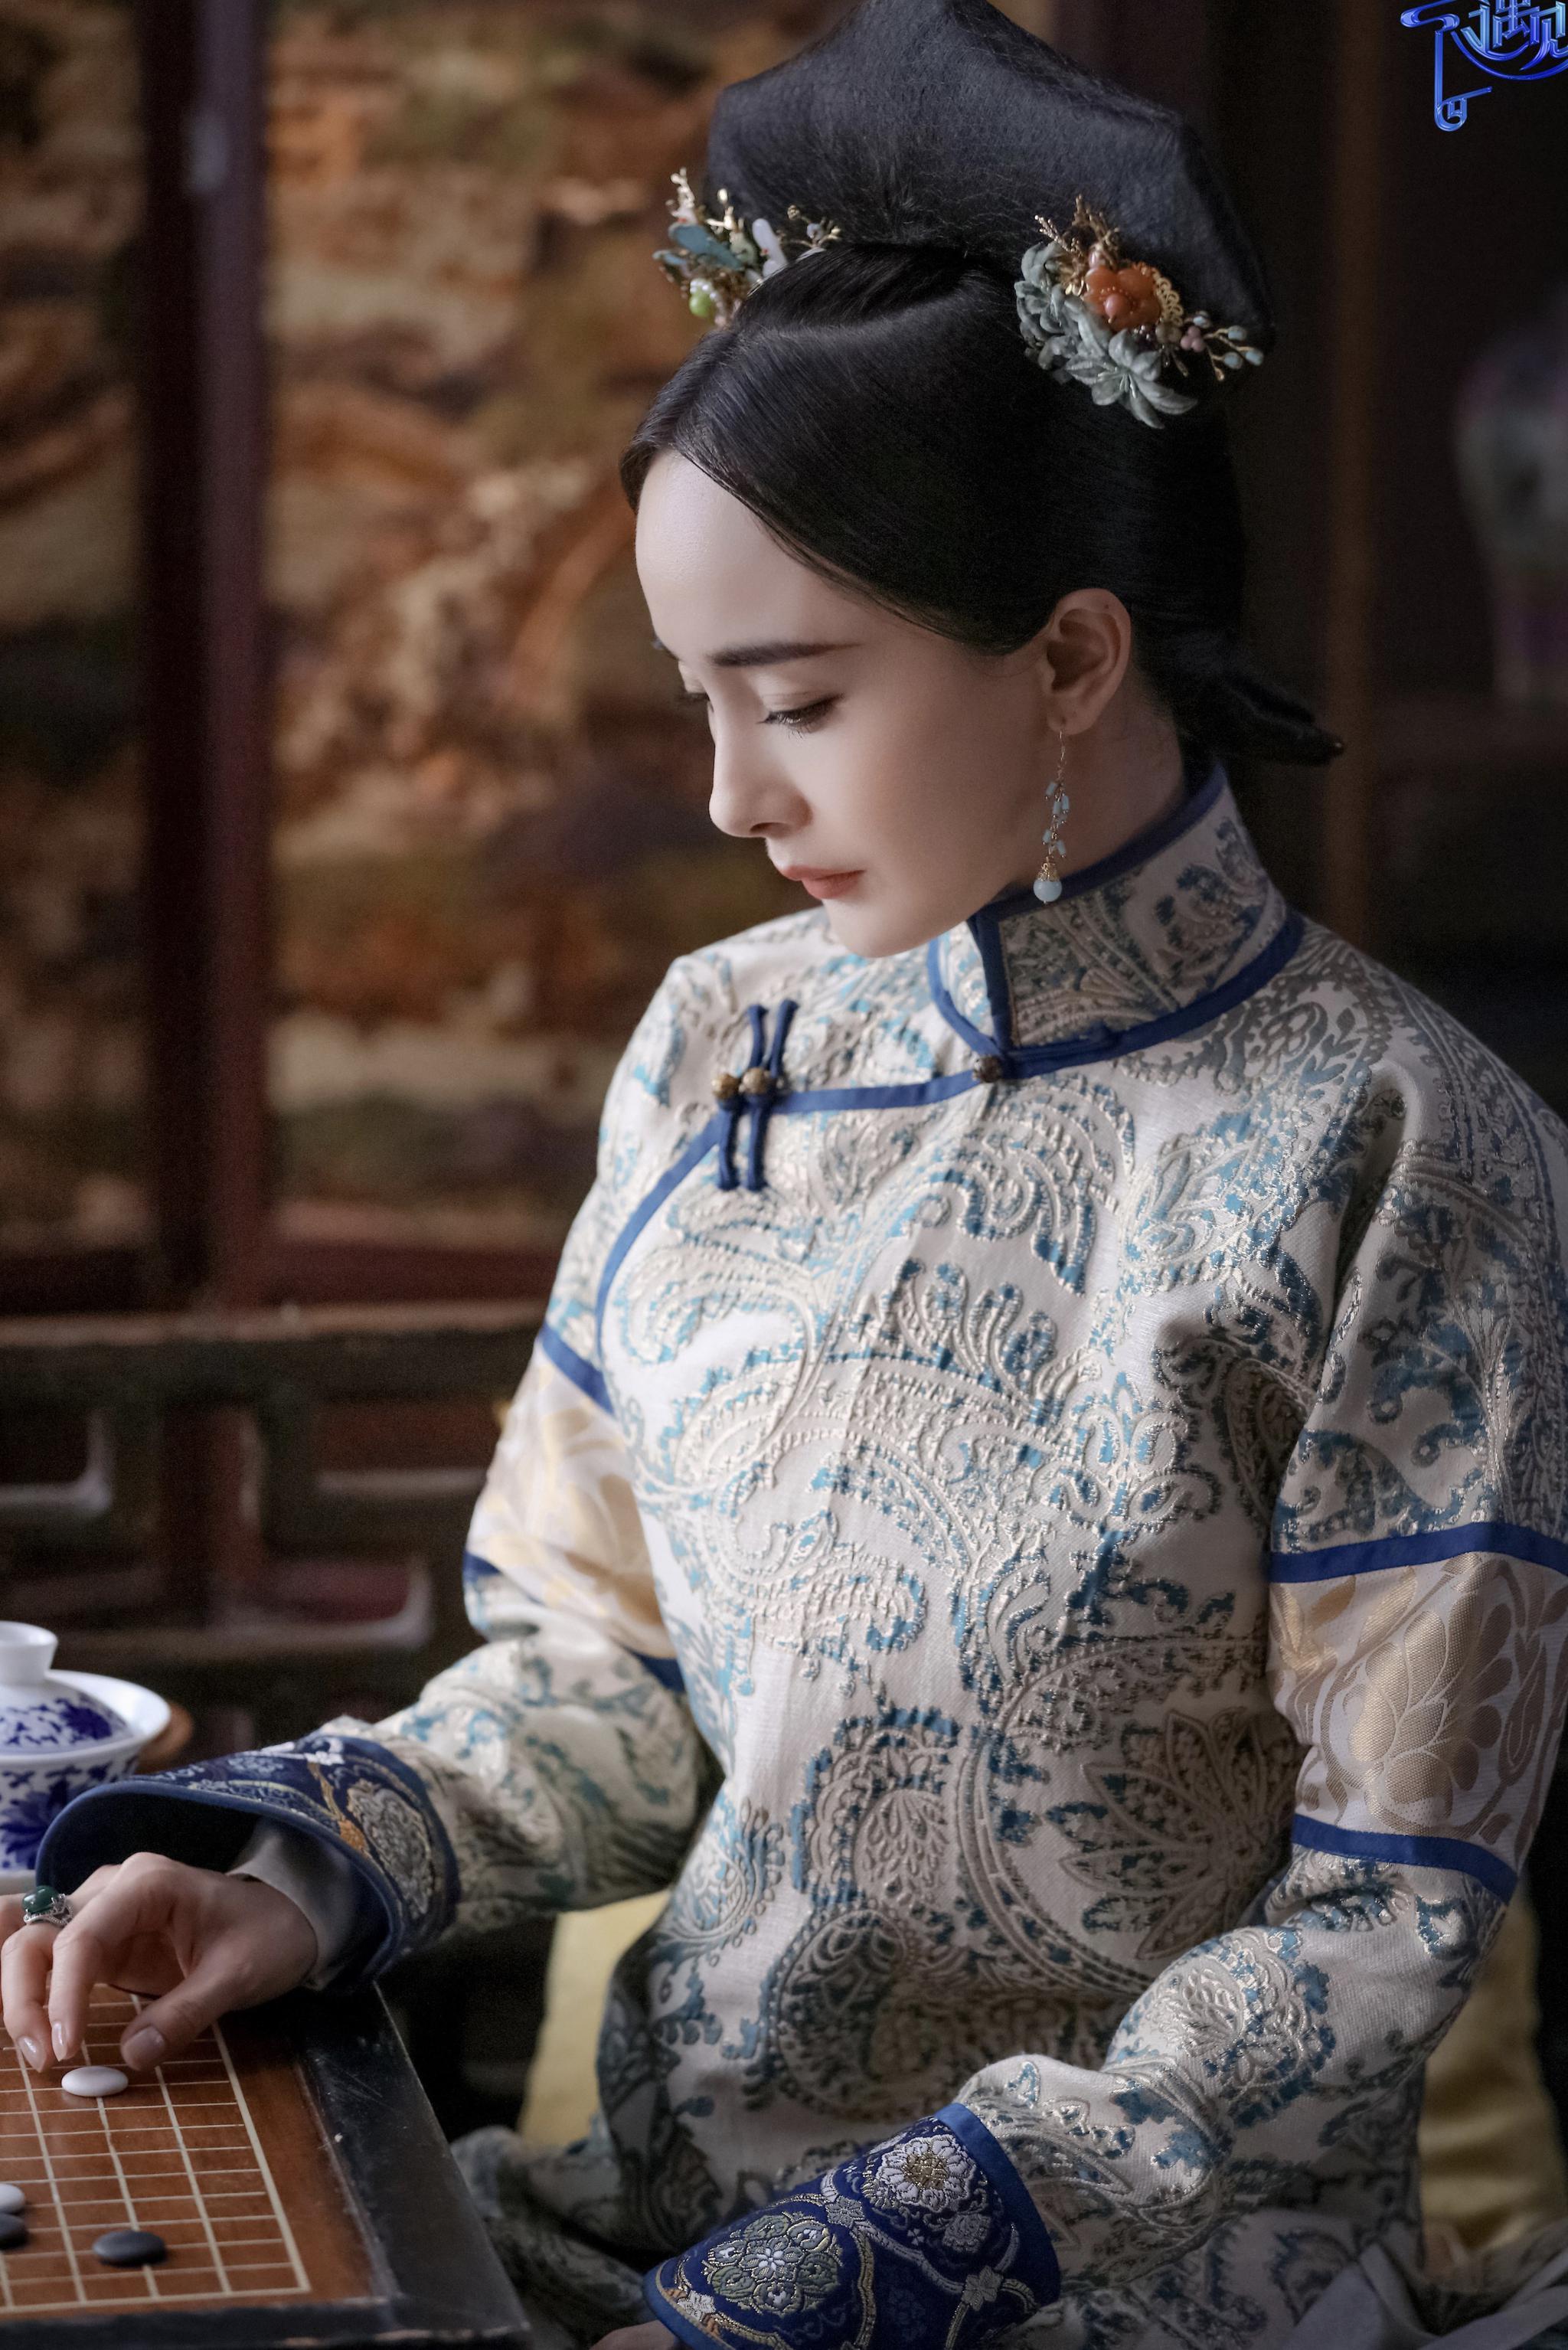 杨幂关晓彤刘涛等女明星的清宫戏造型,你们觉得谁的颜值最高?插图(8)